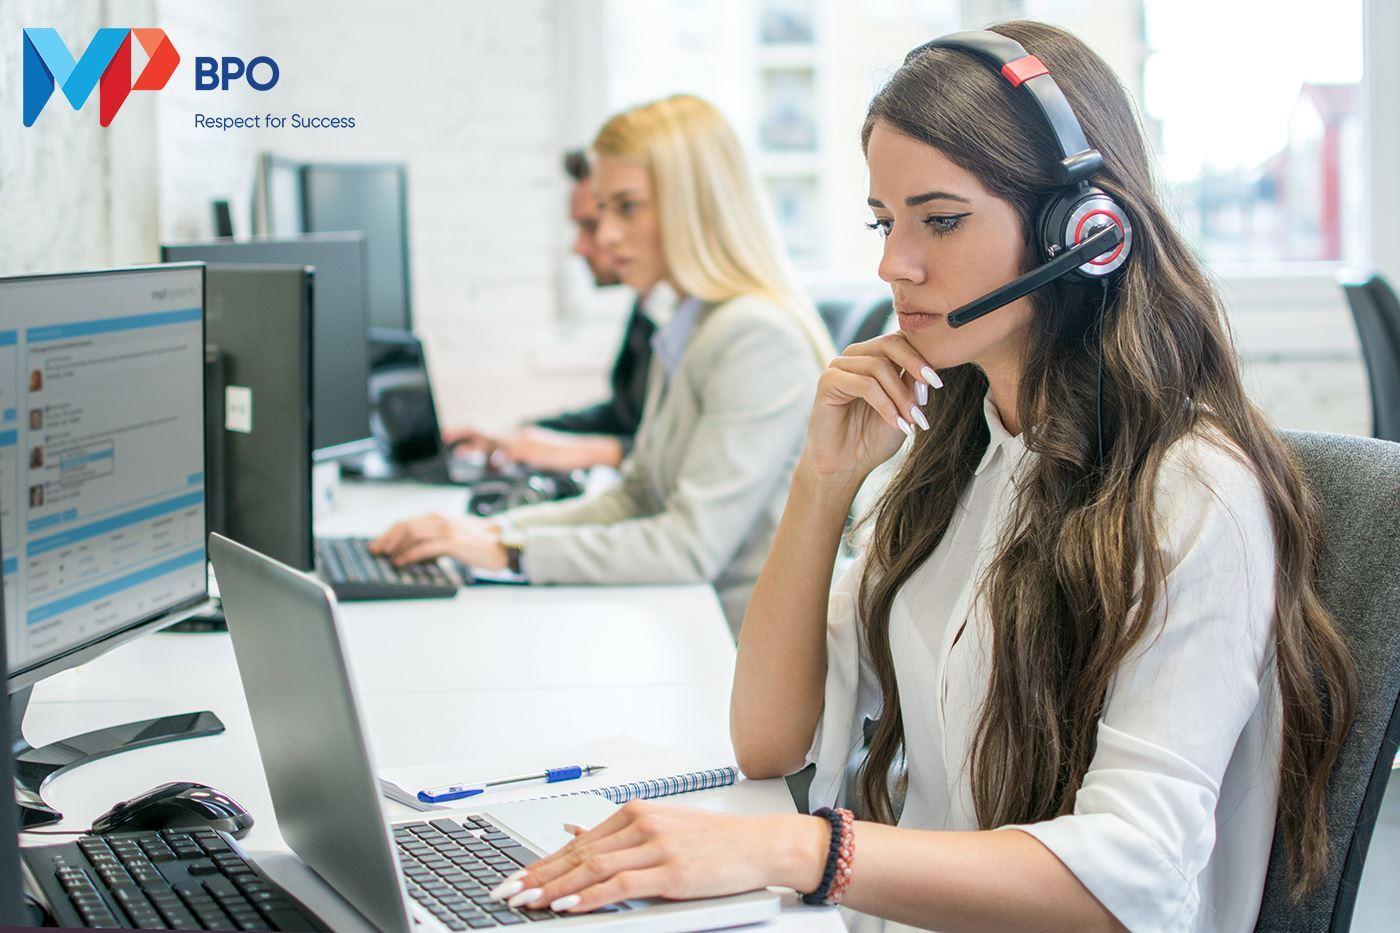 Tuyển nhân sự Phiên Dịch Viên Anh-Việt qua điện thoại (Over Phone Interpreter – OPI)